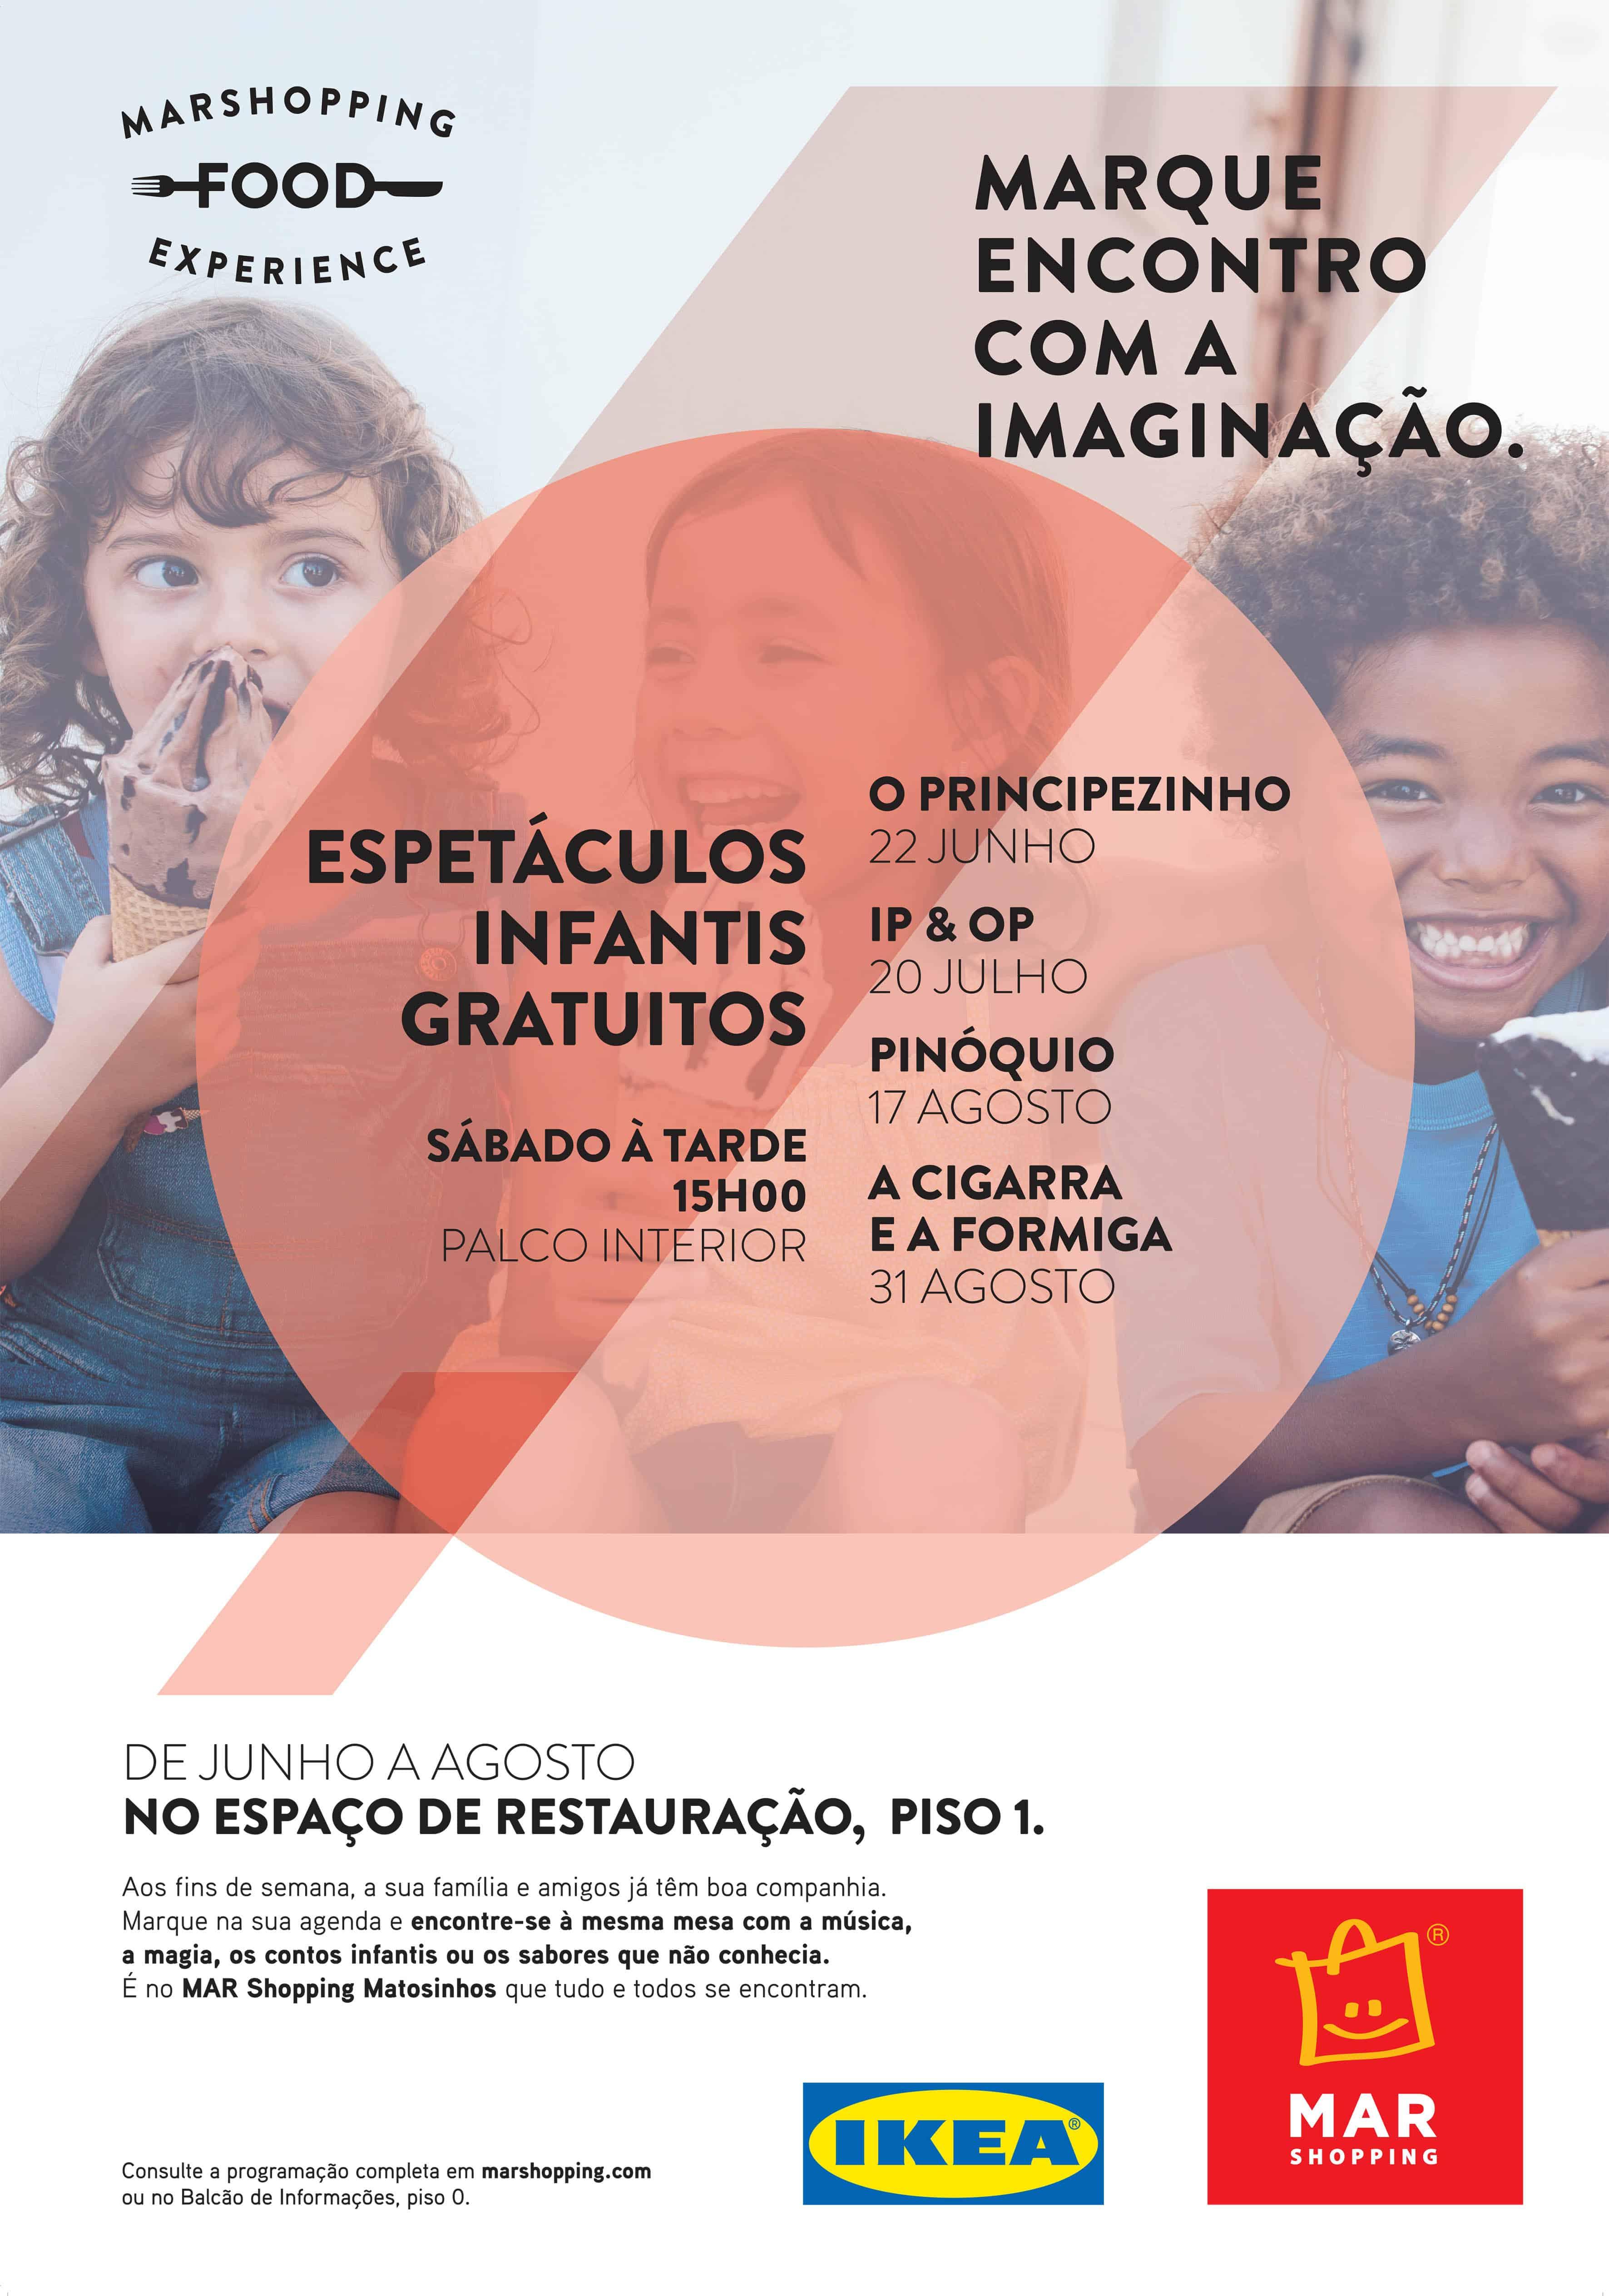 O PRINCIPEZINHO NO MAR SHOPPING MATOSINHOS